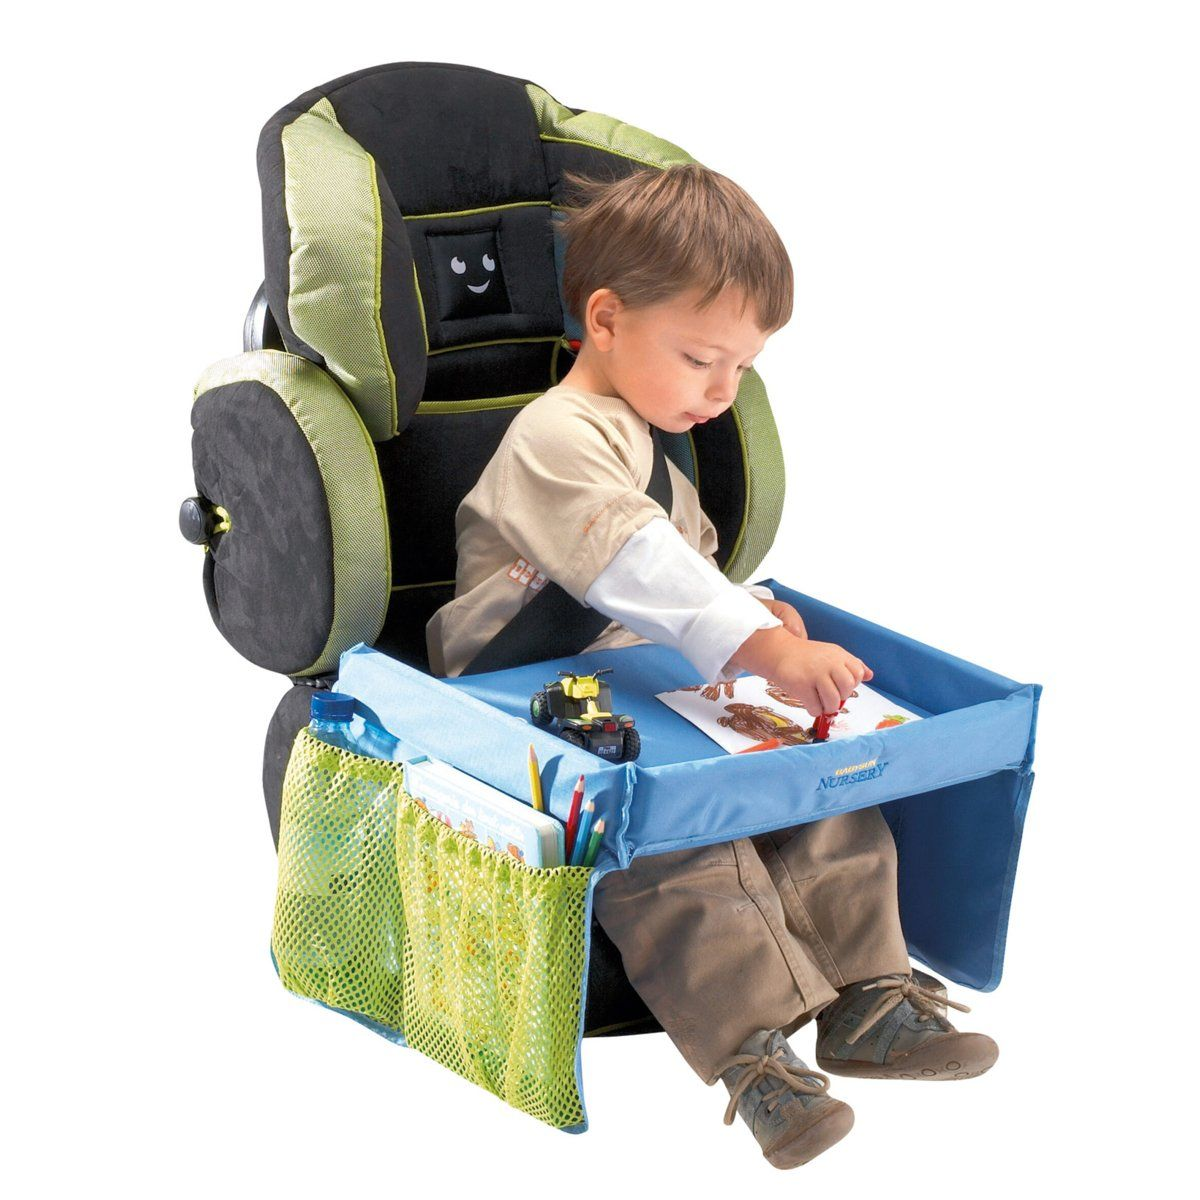 Reistafeltje BABYSUN NURSERY Baby car seats, Baby kids